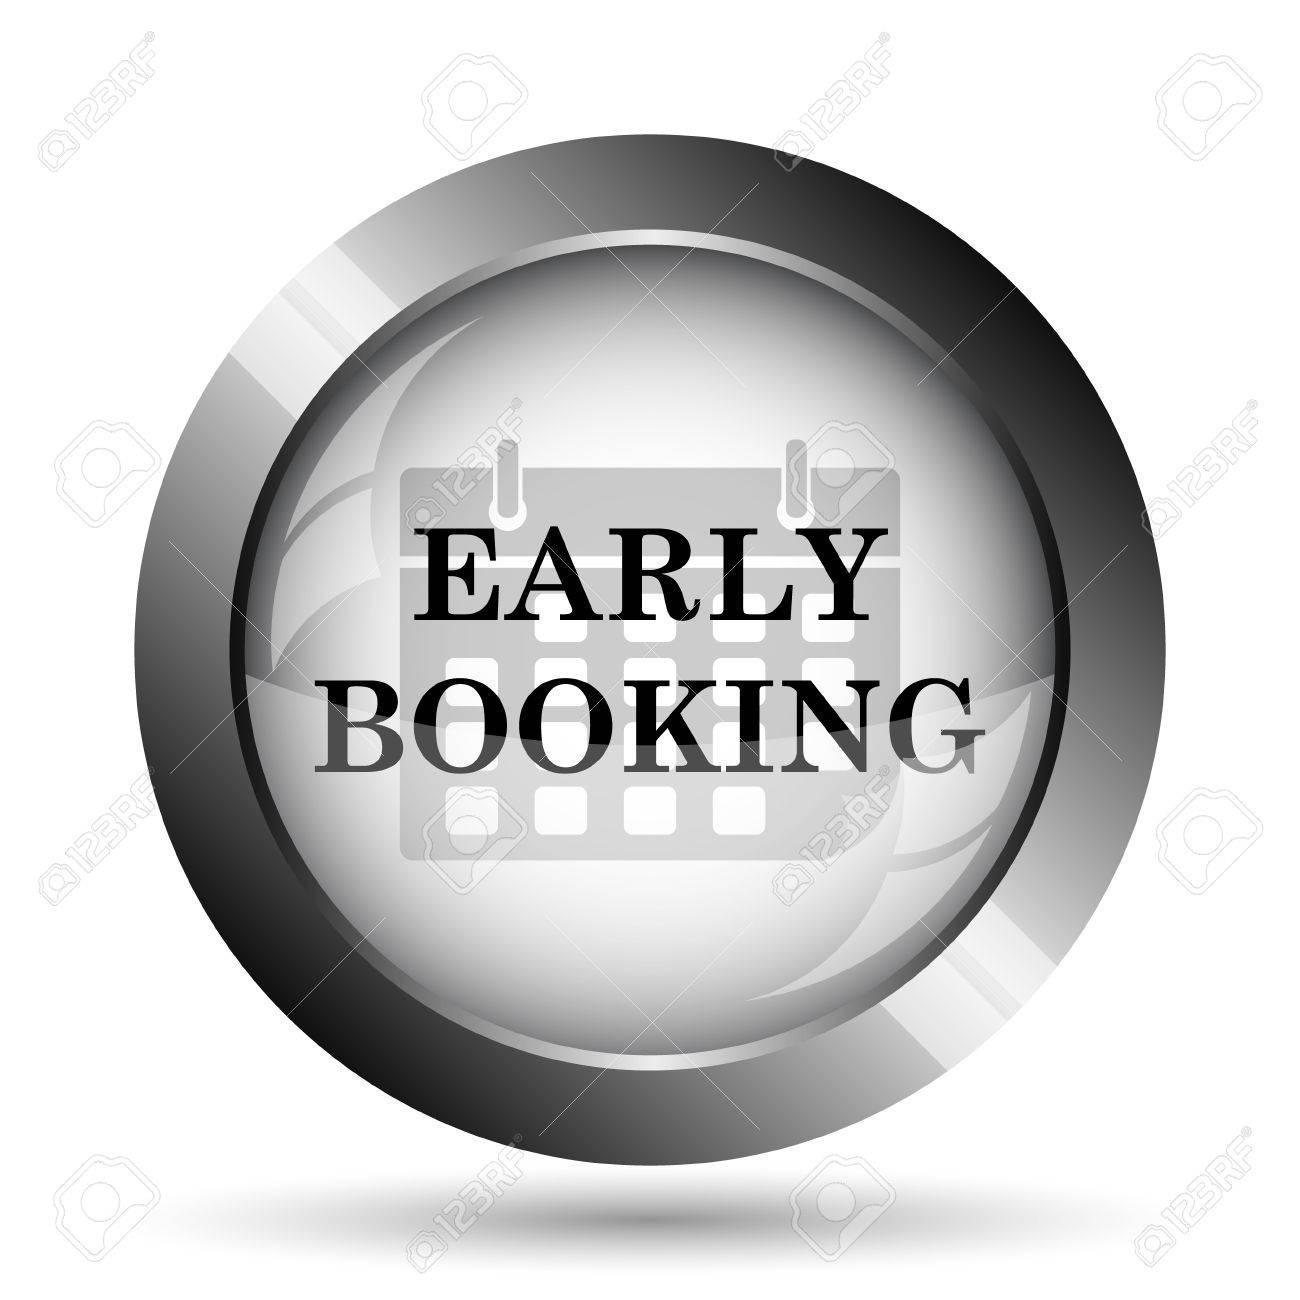 Imagini pentru early booking icon